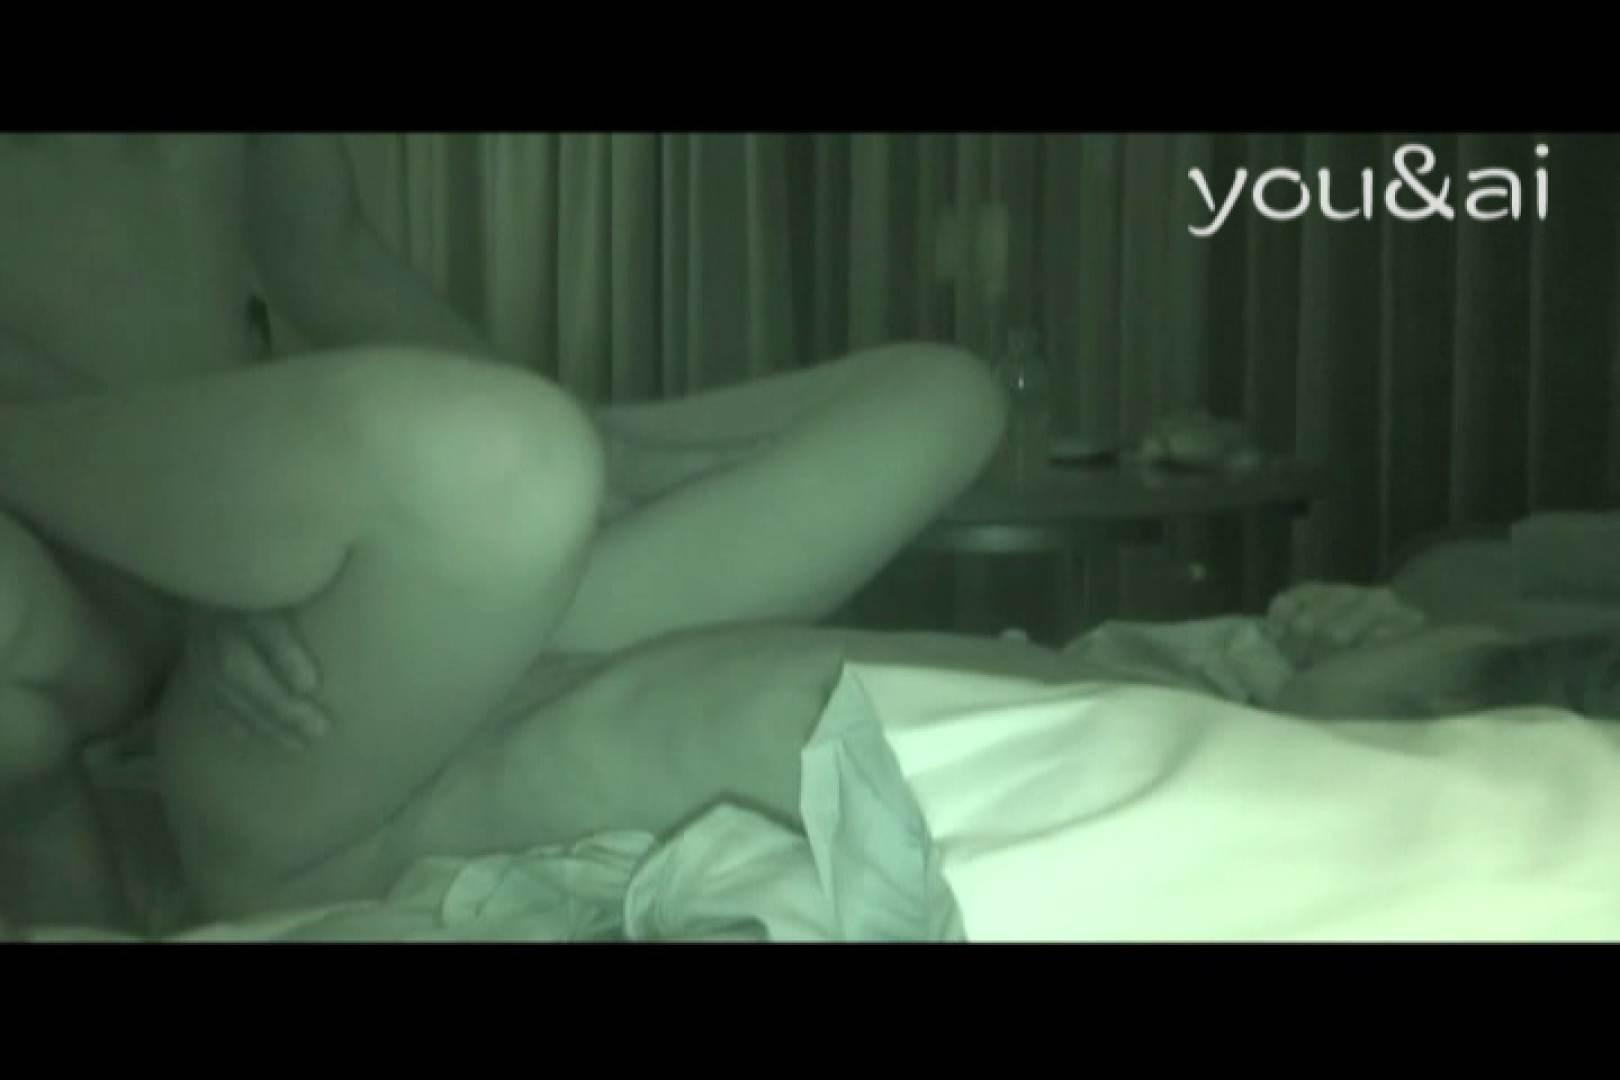 おしどり夫婦のyou&aiさん投稿作品vol.12 ホテル オマンコ動画キャプチャ 104PIX 23